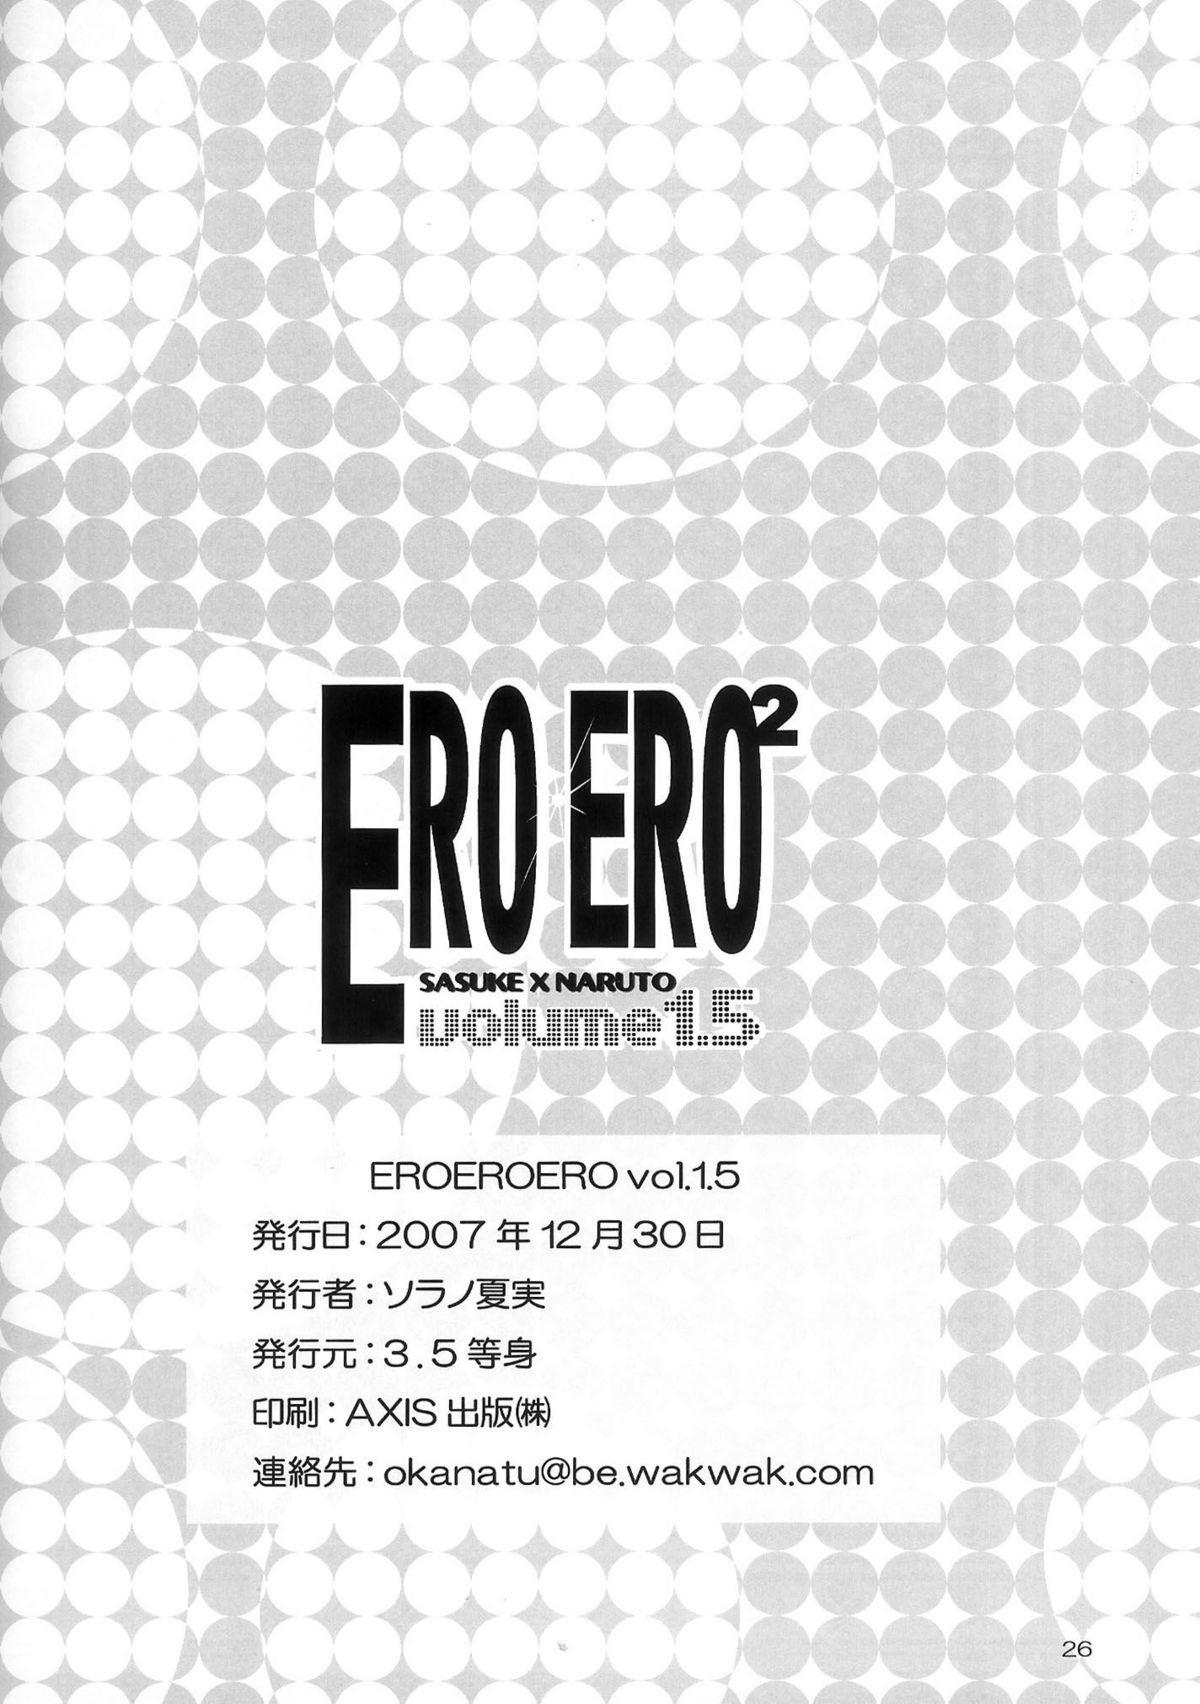 ERO ERO²: Volume 1.5  (NARUTO) [Sasuke X Naruto] YAOI -ENG- 24